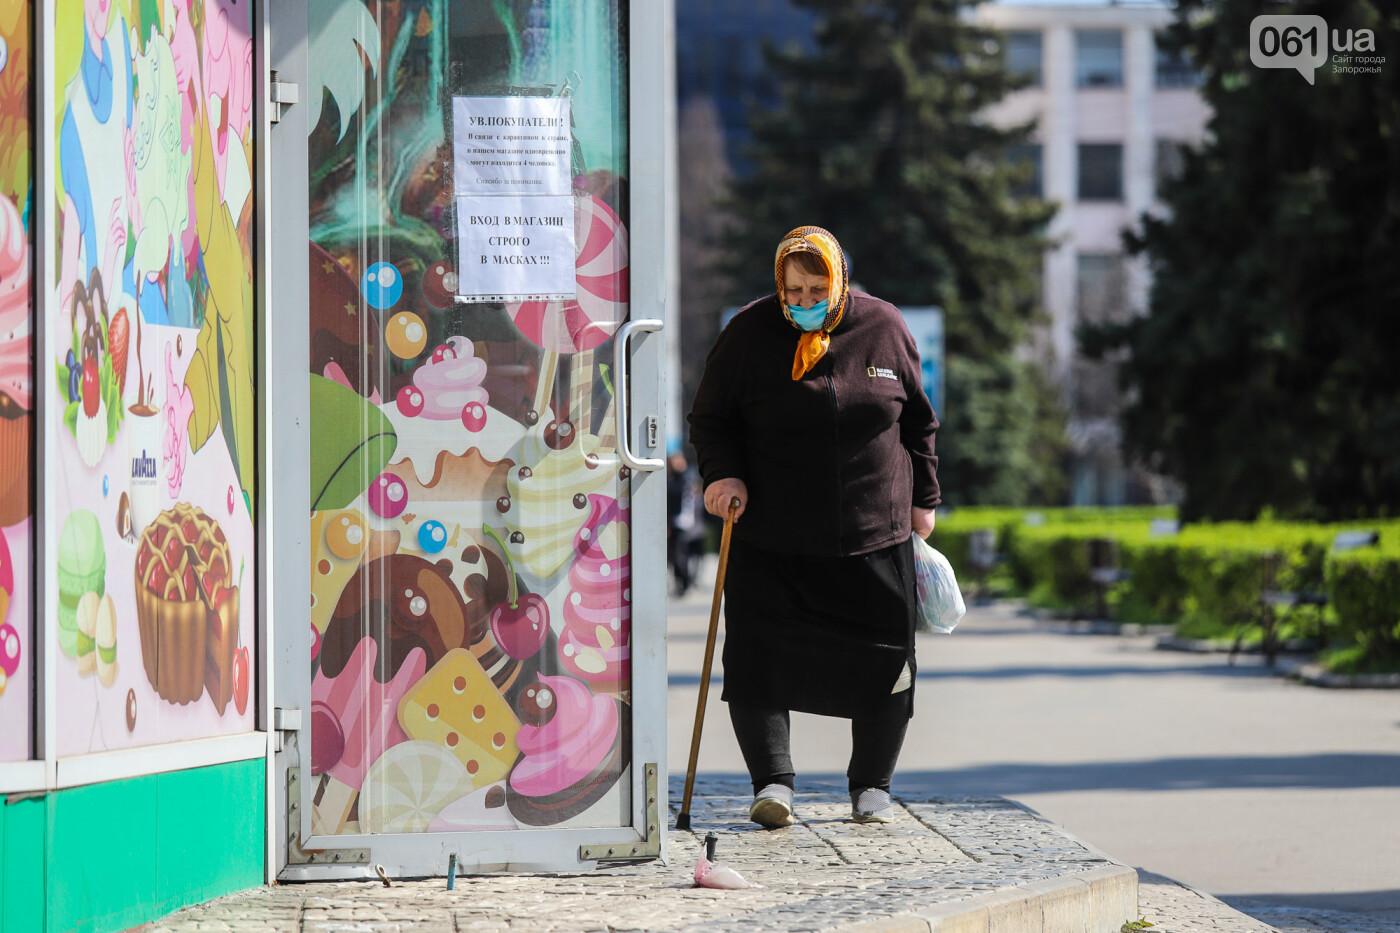 Вход только в масках: как выглядит Запорожье на карантине, - ФОТОРЕПОРТАЖ, фото-39